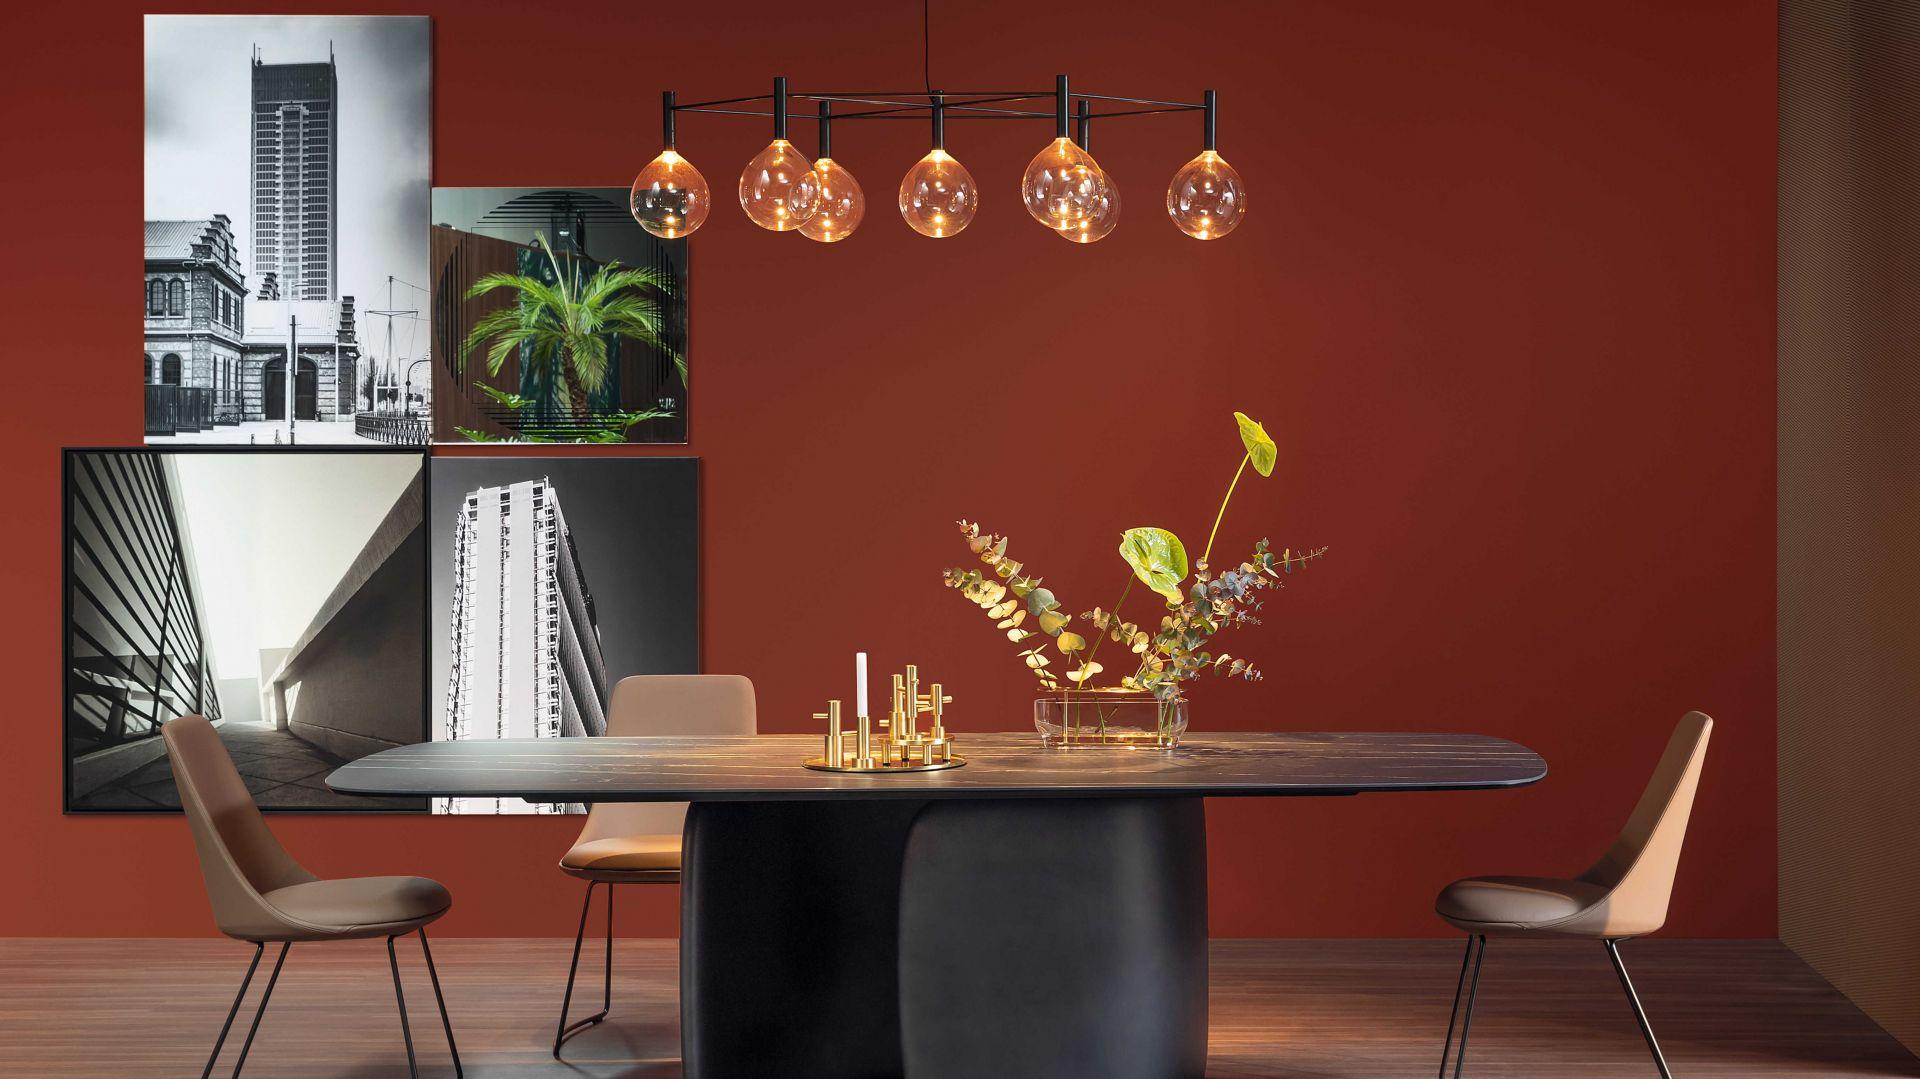 Stół Mellow zaprojektowany dla Bonaldo. Blat stołu dostępny jest w wykończeniach: drewno, marmur, ceramika lub szkło, a stół wstępuje w 4 rozmiarach. Od ok. 20 tys. zł. Projekt Bartoli Design. Fot. Bonaldo/Bartoli Design